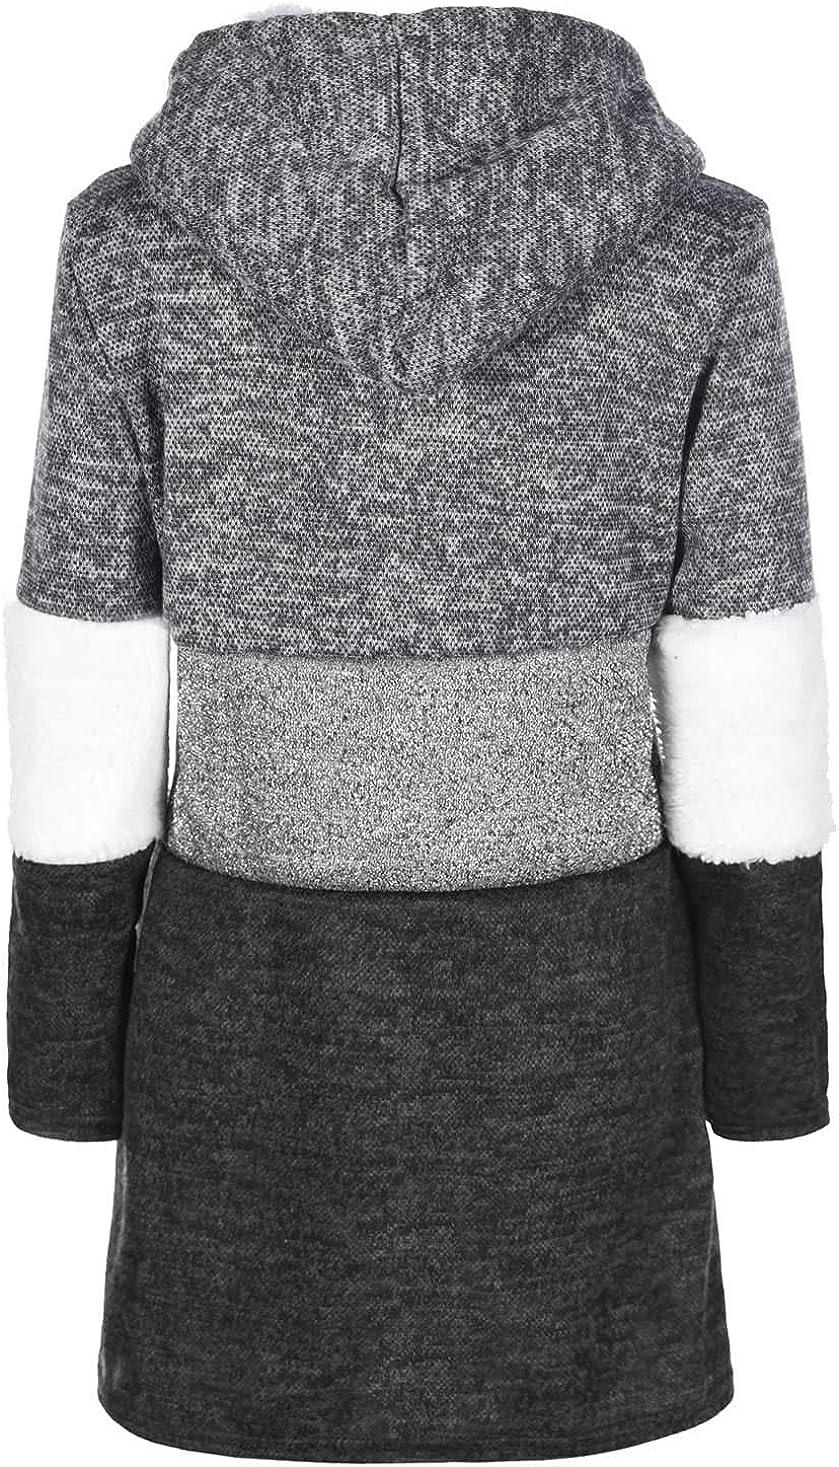 KMISSO M/ädchen Pullover Kleid Einhorn Pailletten 30209